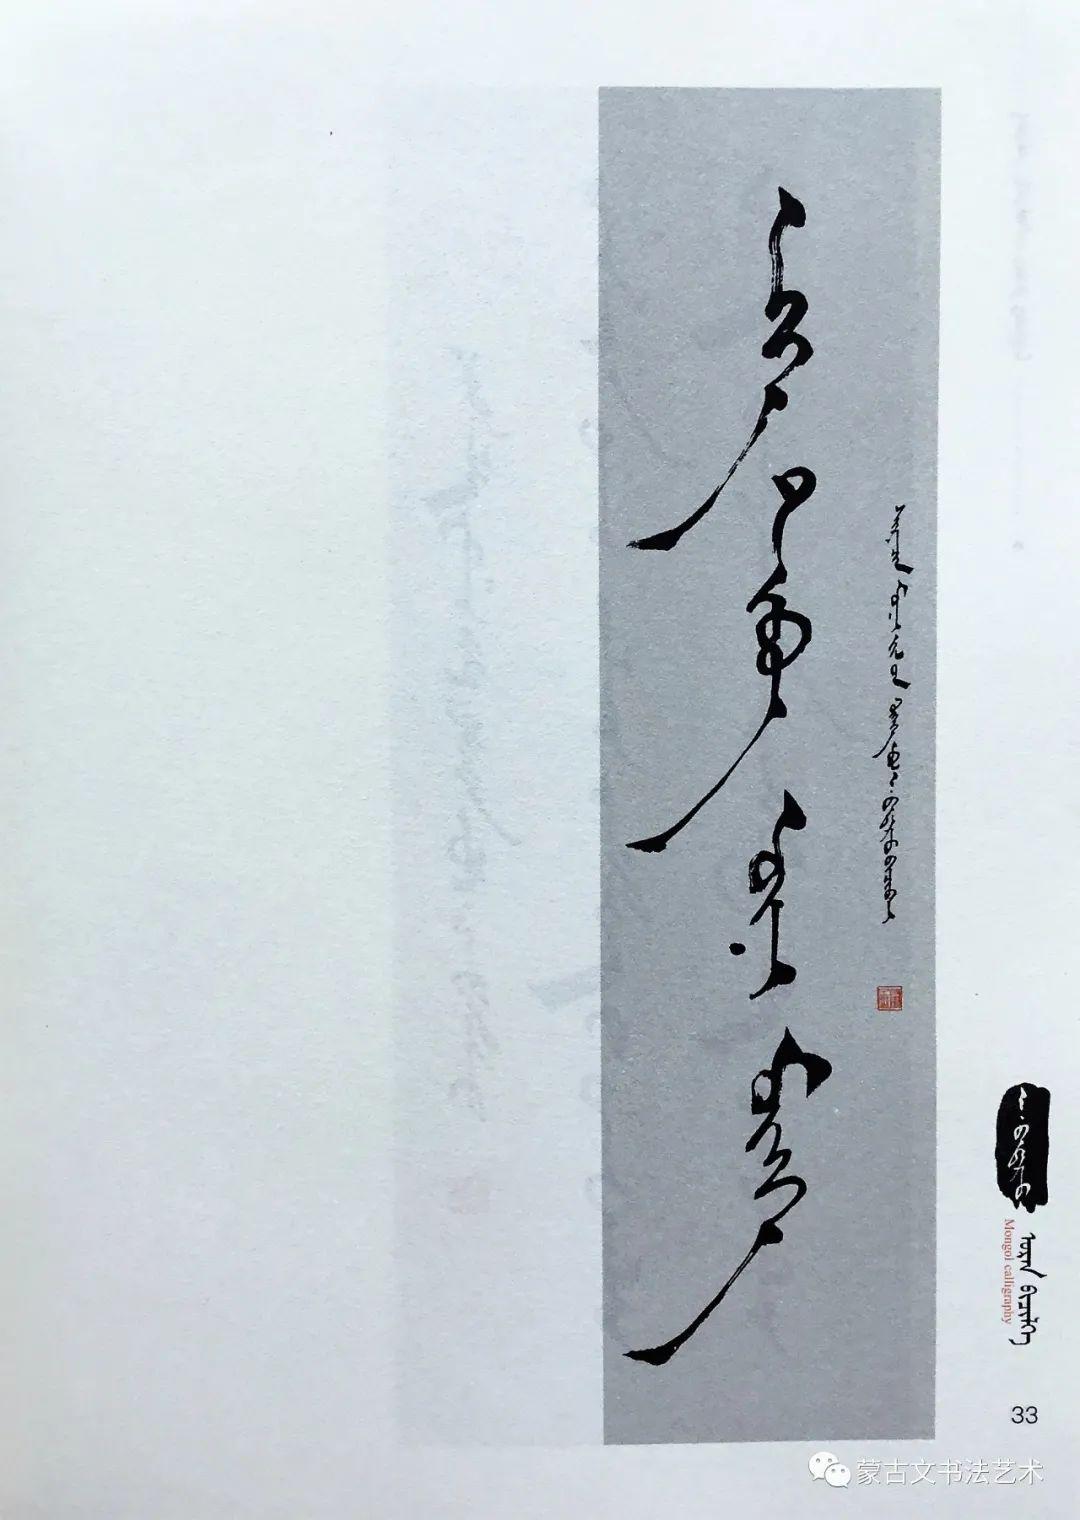 包宝柱《蒙古文经典书法》 第10张 包宝柱《蒙古文经典书法》 蒙古书法